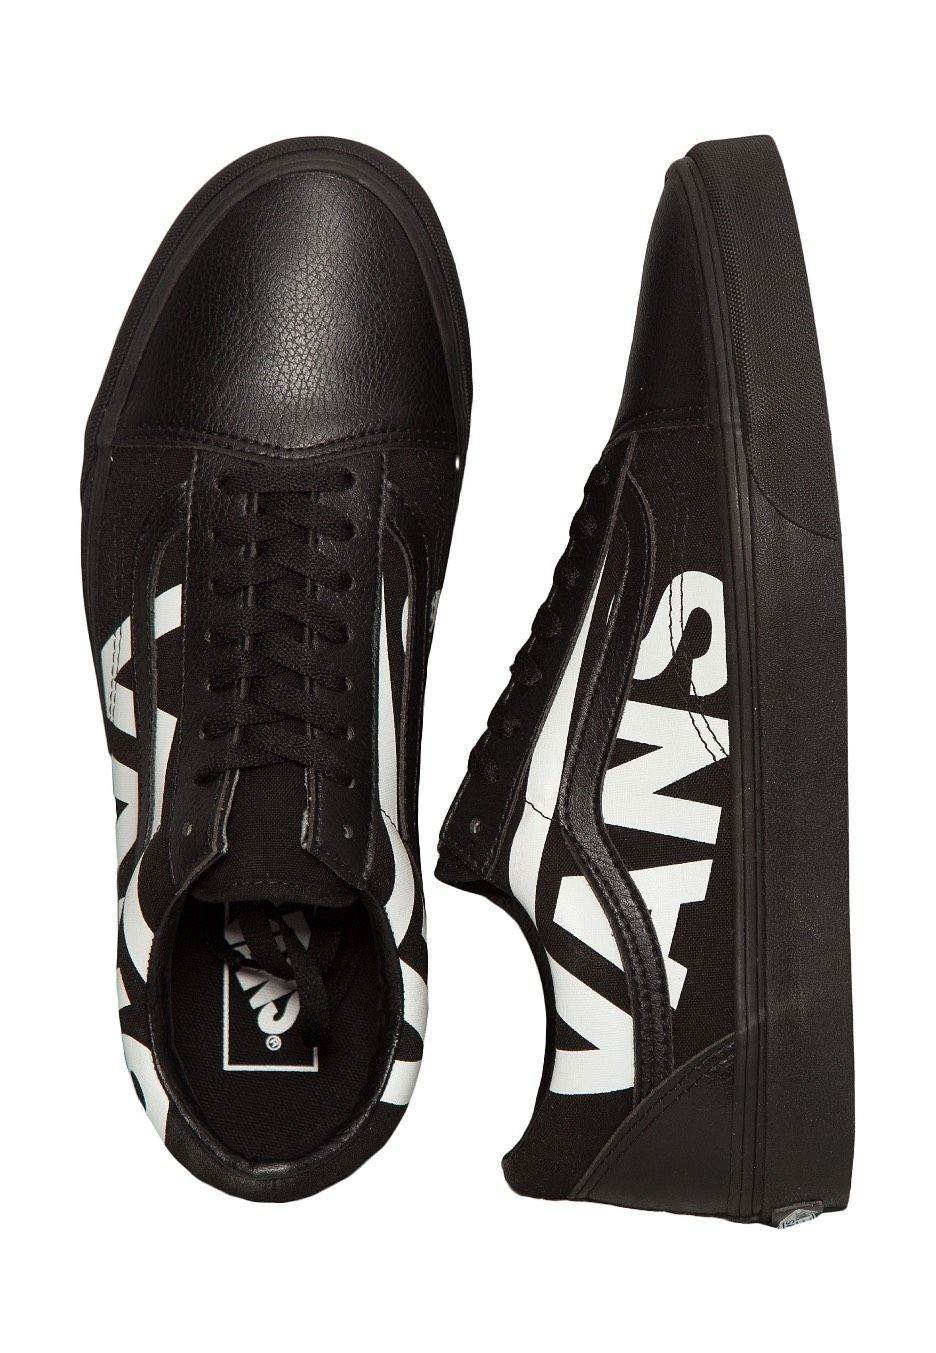 Compra Vans - Old Skool Vans Black/True White - Zapatos de Vans por €84,99 por un precio fantástico (27/1/2018) en la tienda online ES.